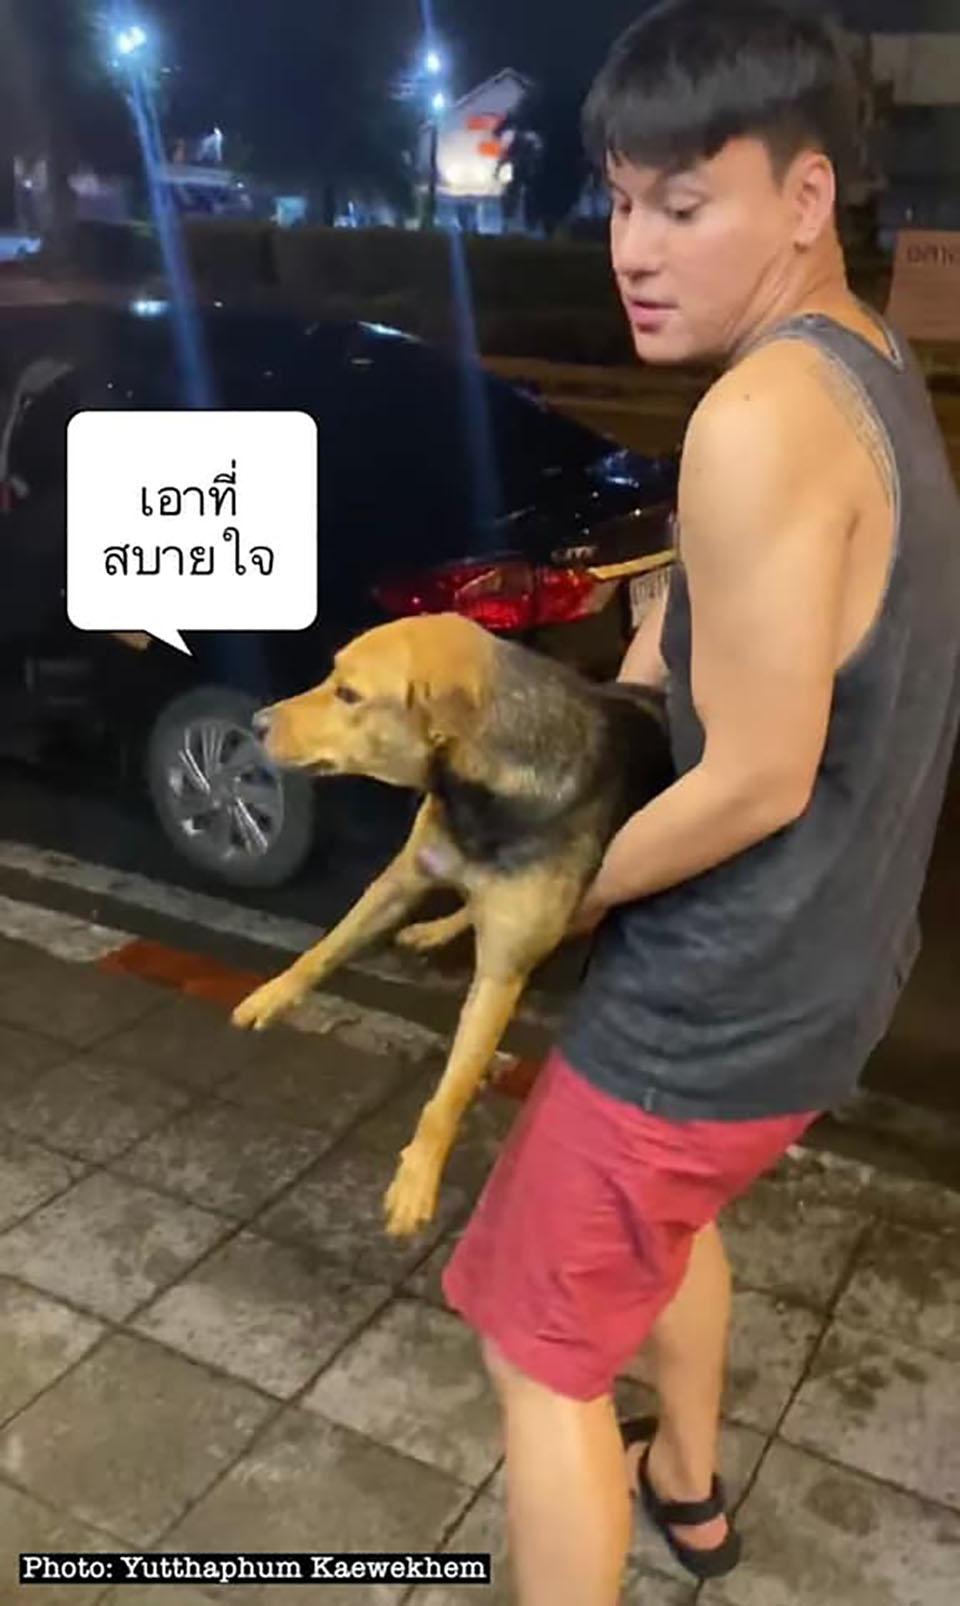 Chico ebrio se lleva un perro